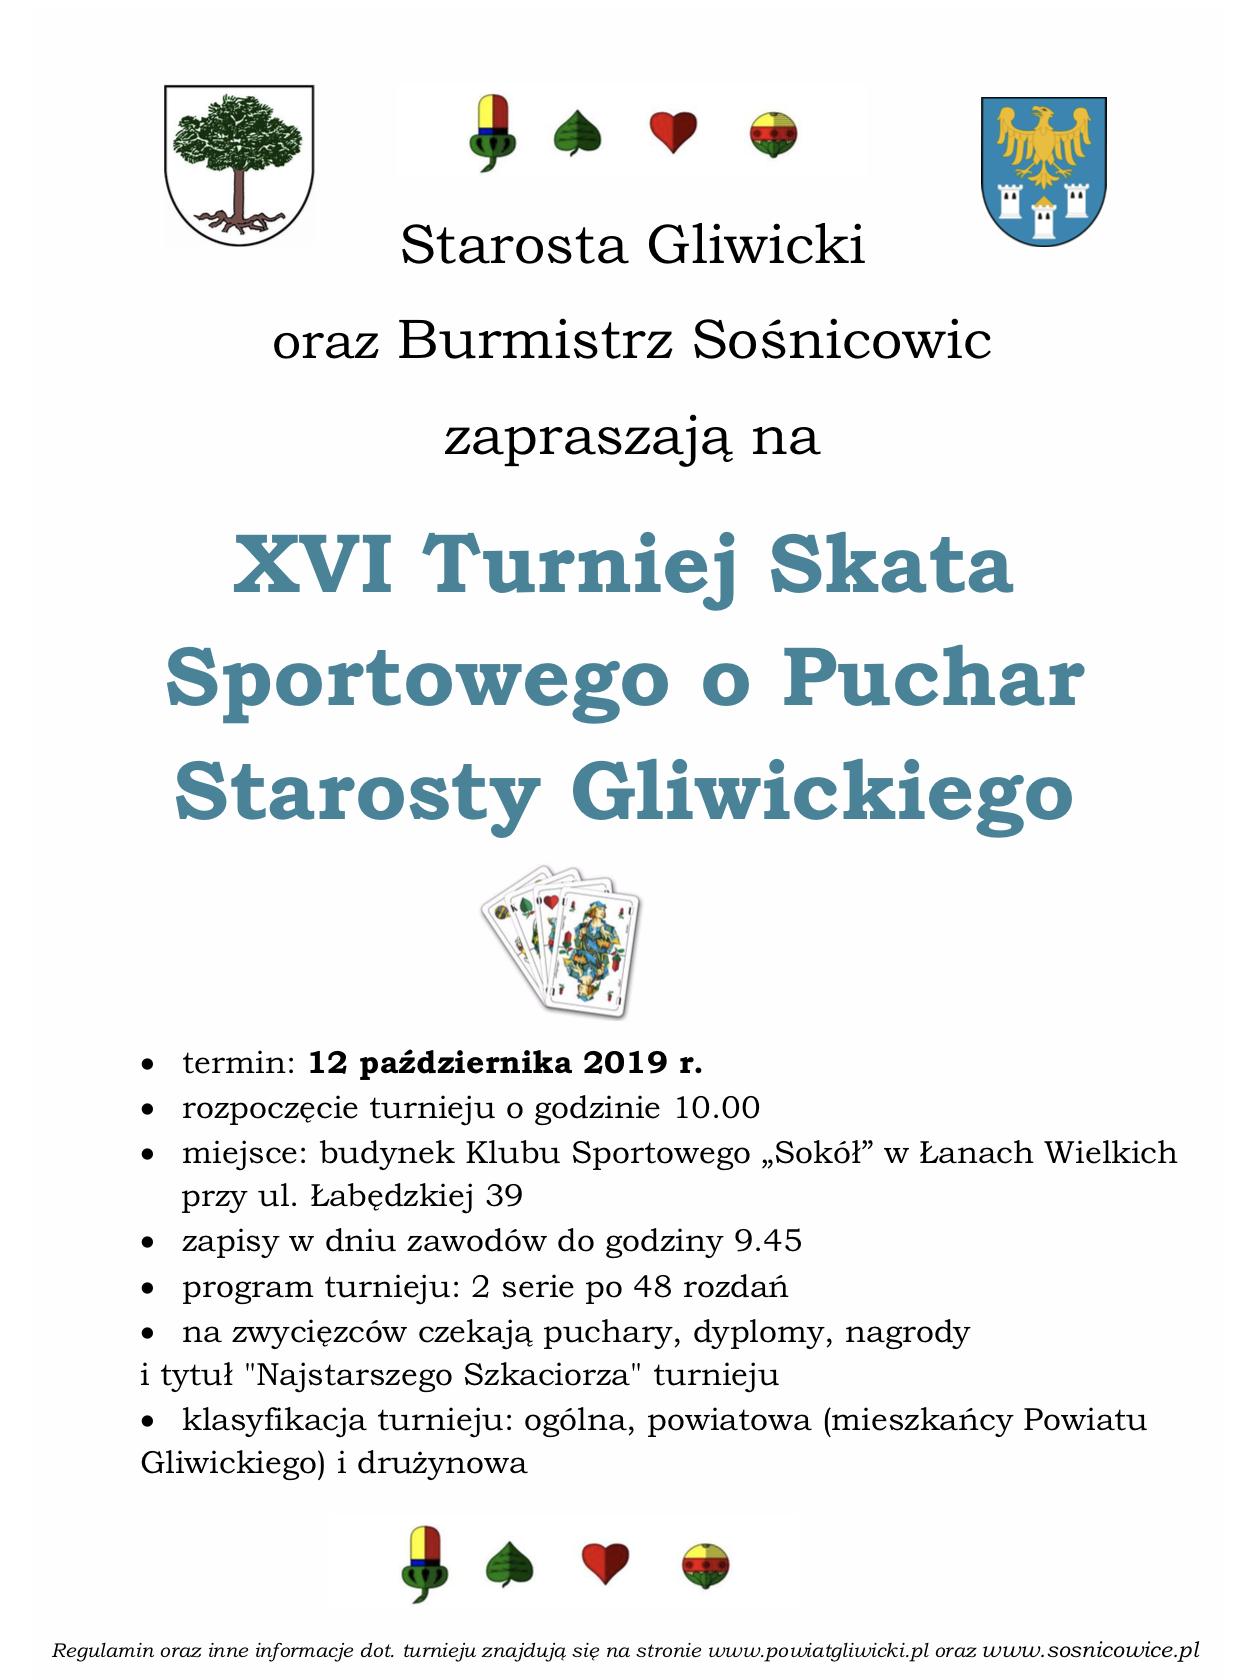 XVI Turniej Skata Sportowego o Puchar Starosty Gliwickiego